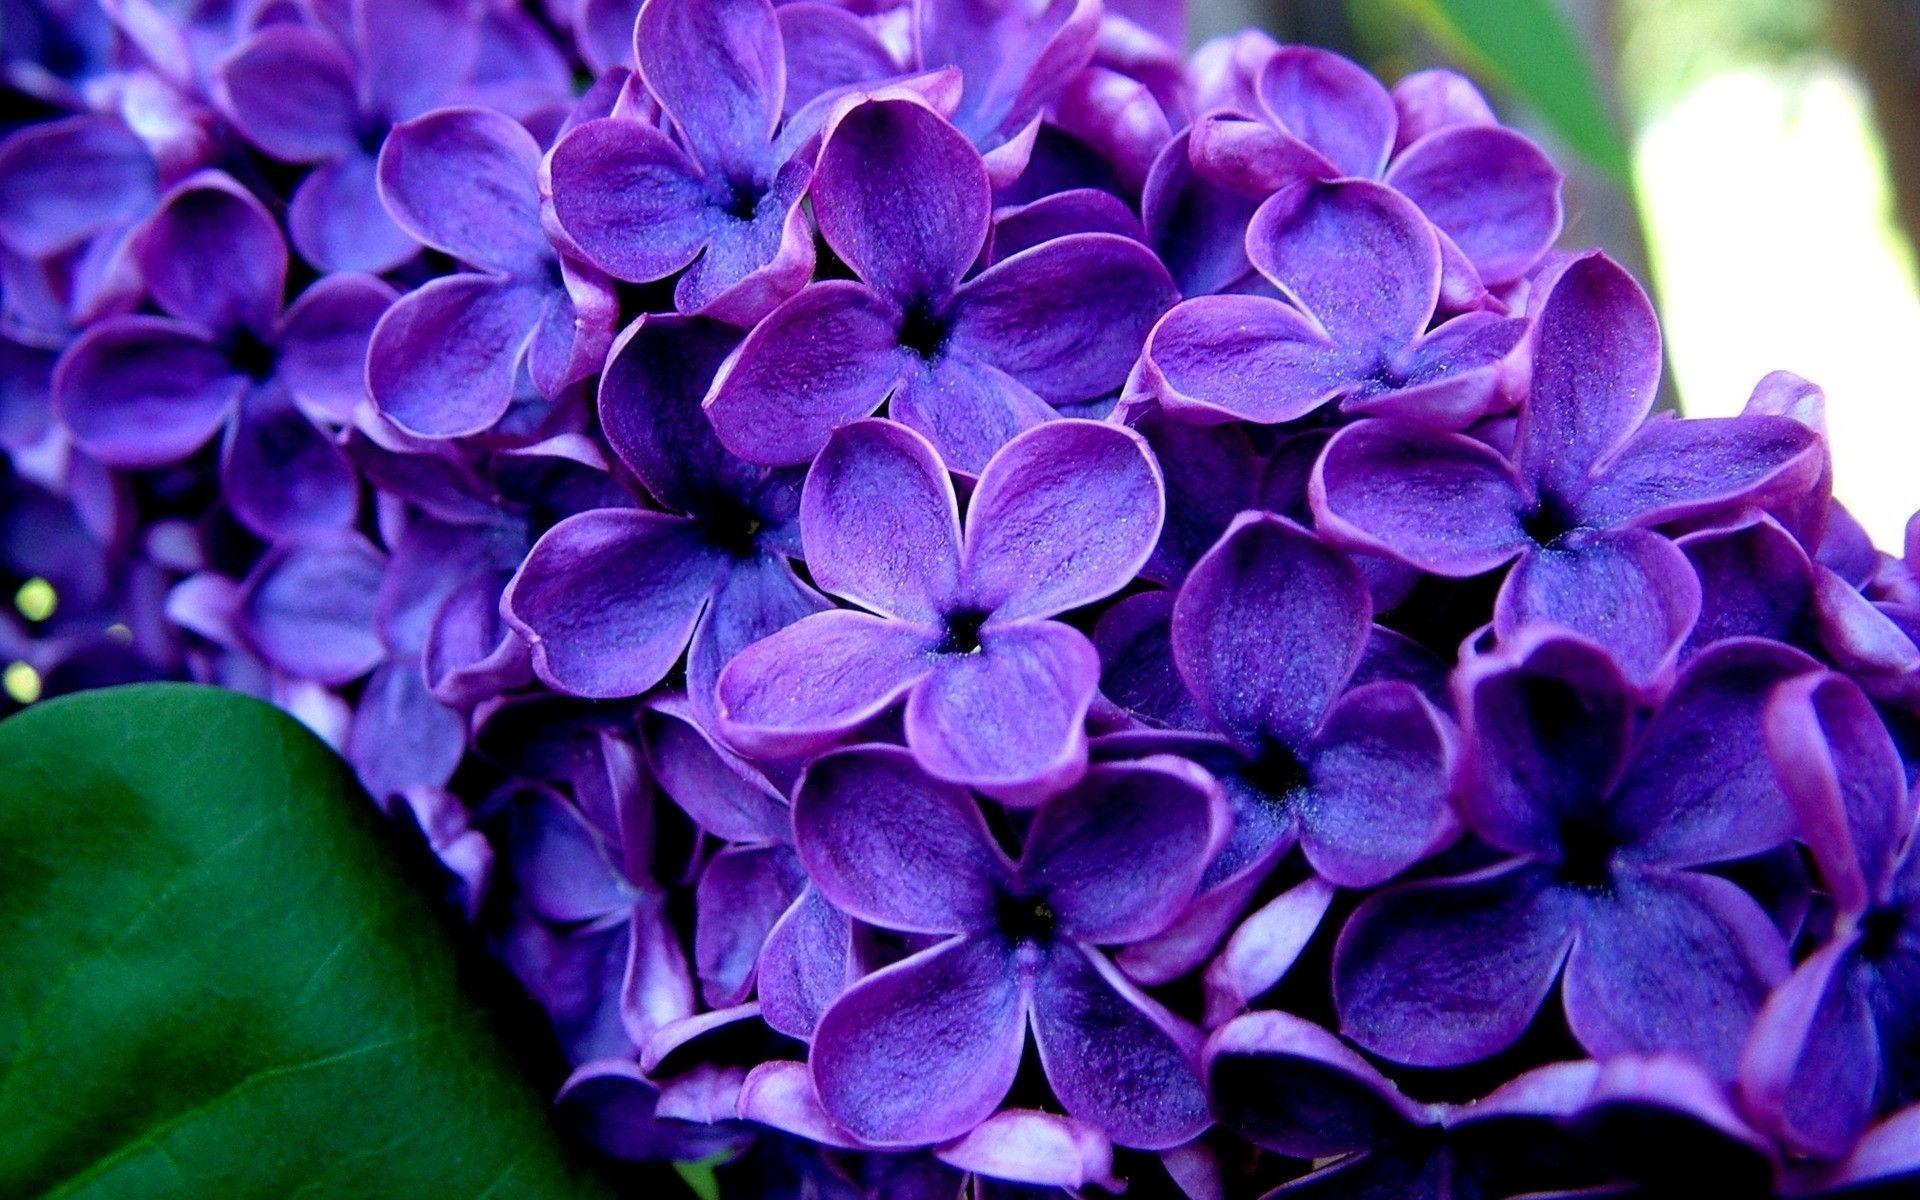 Purple Flower With Yellow Center Hd Desktop Wallpaper Widescreen